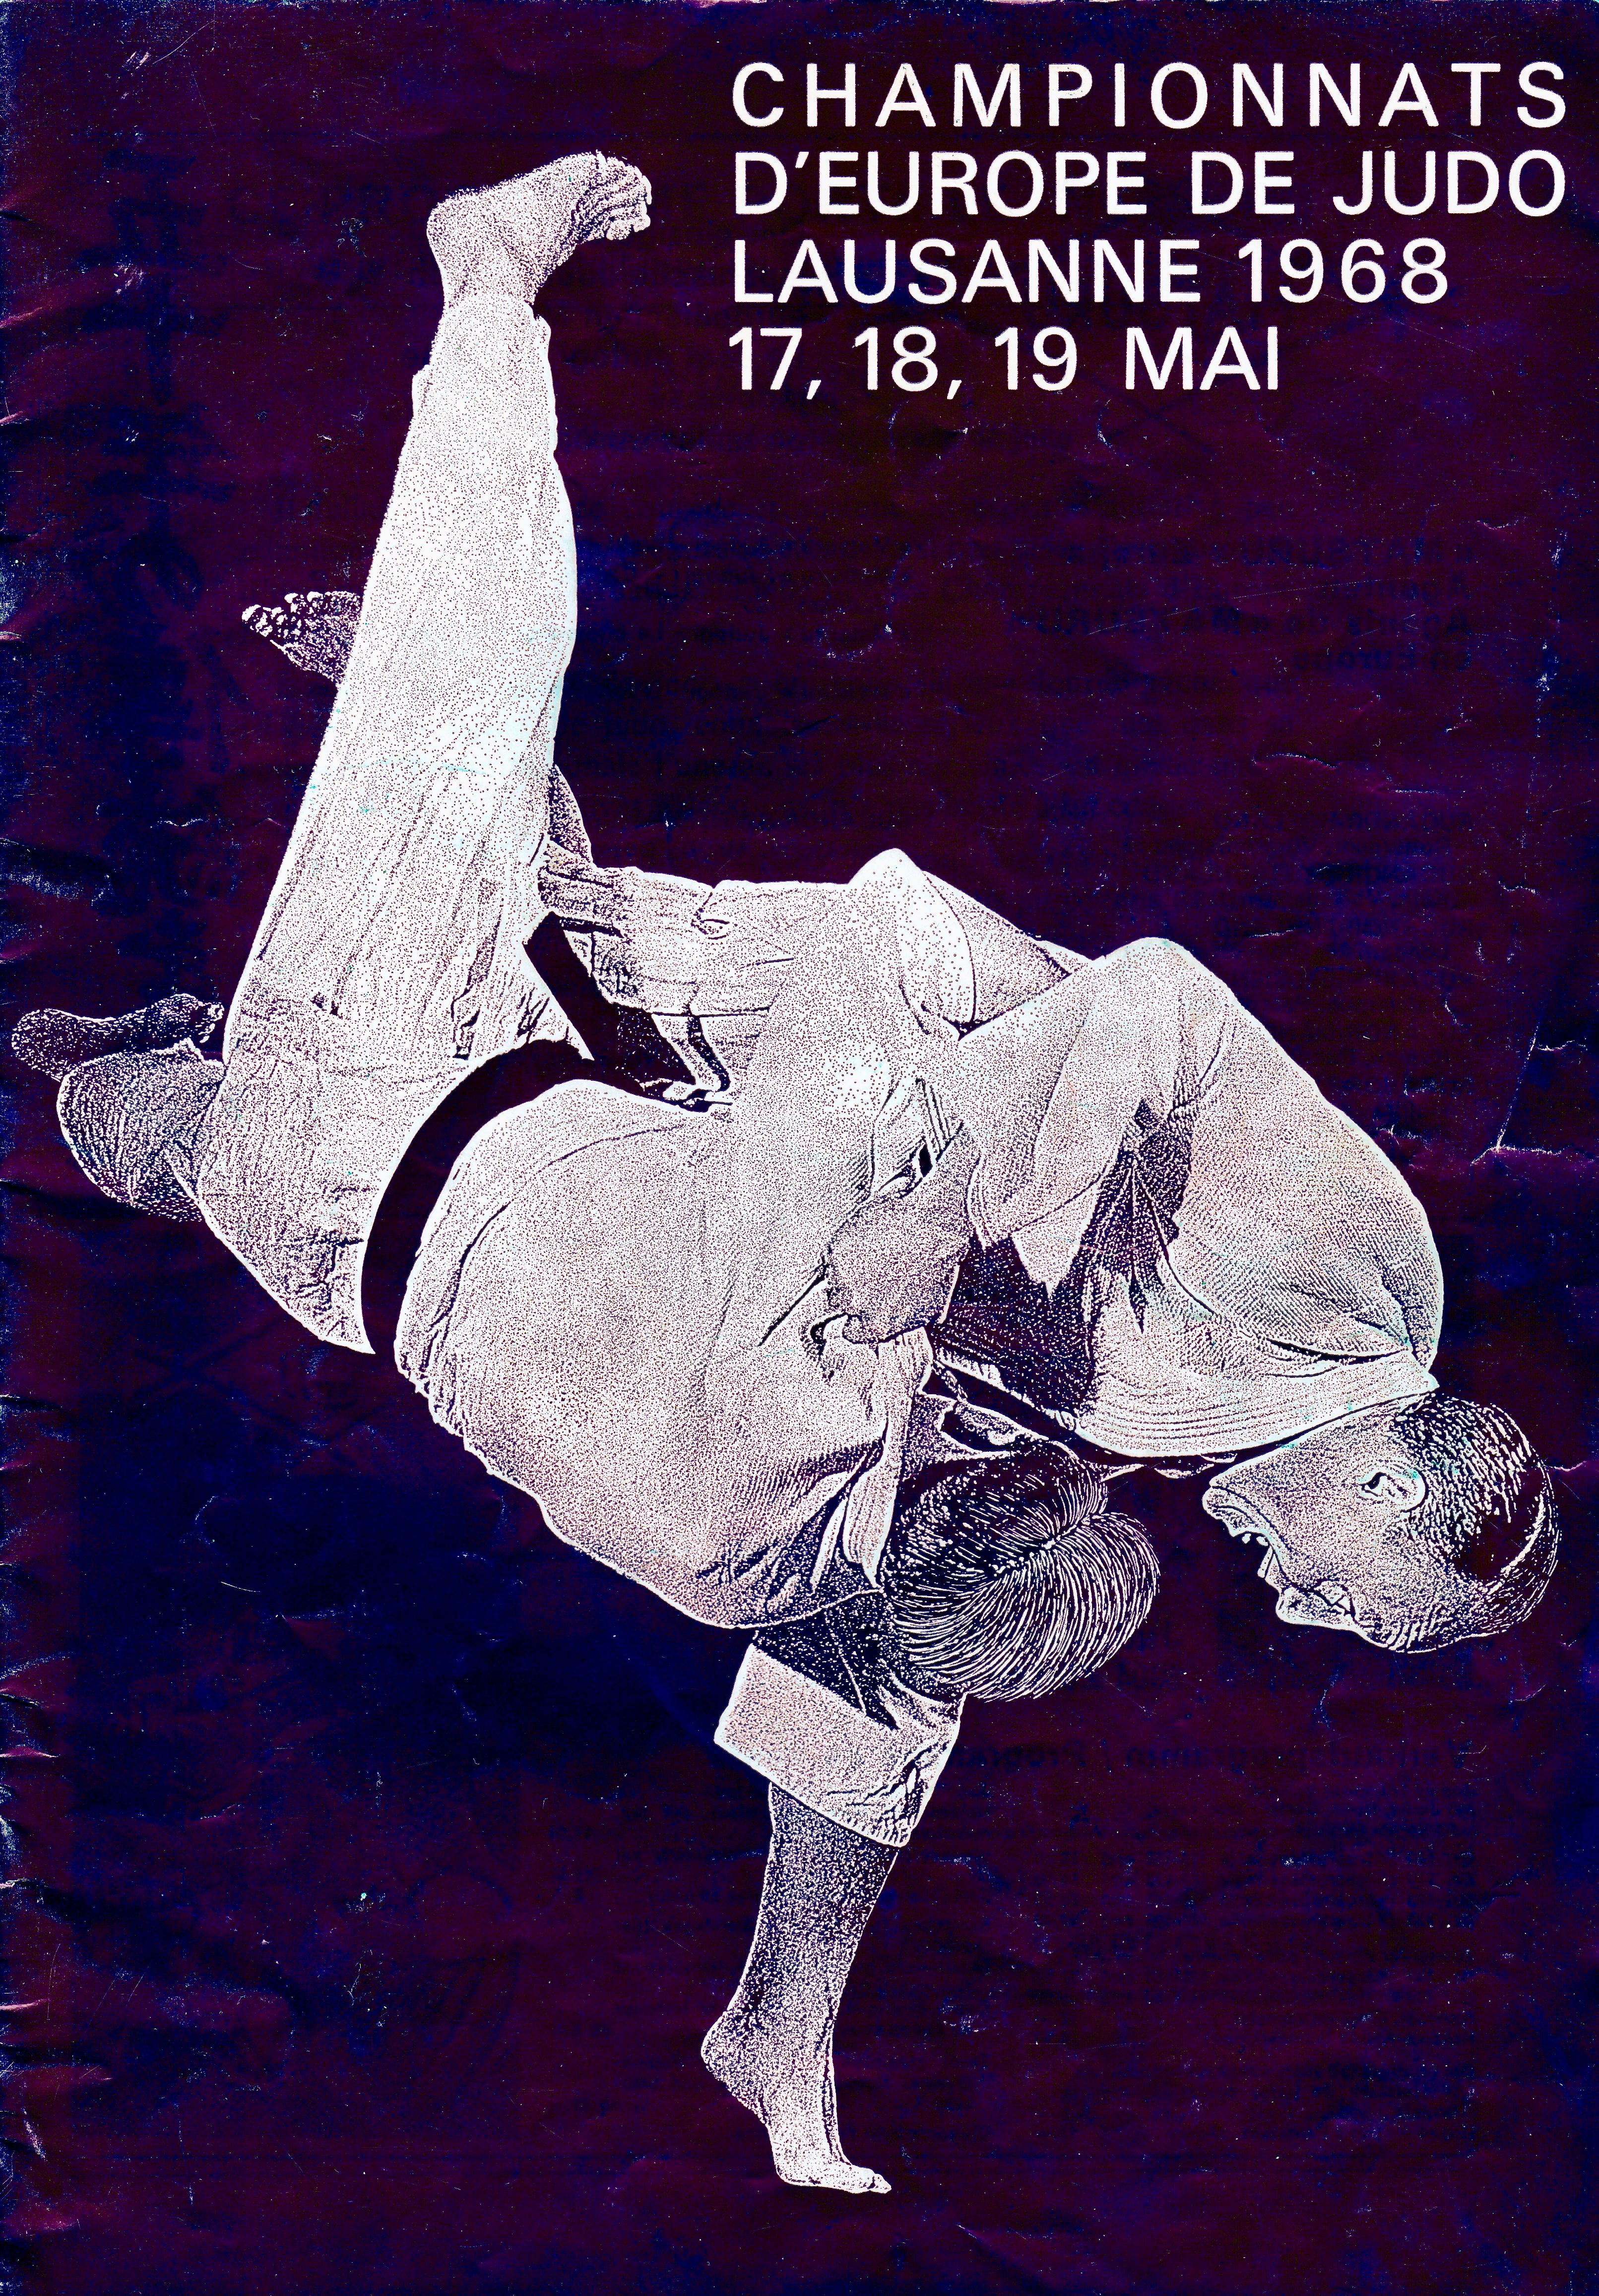 Le judo sport éducatif et de combat